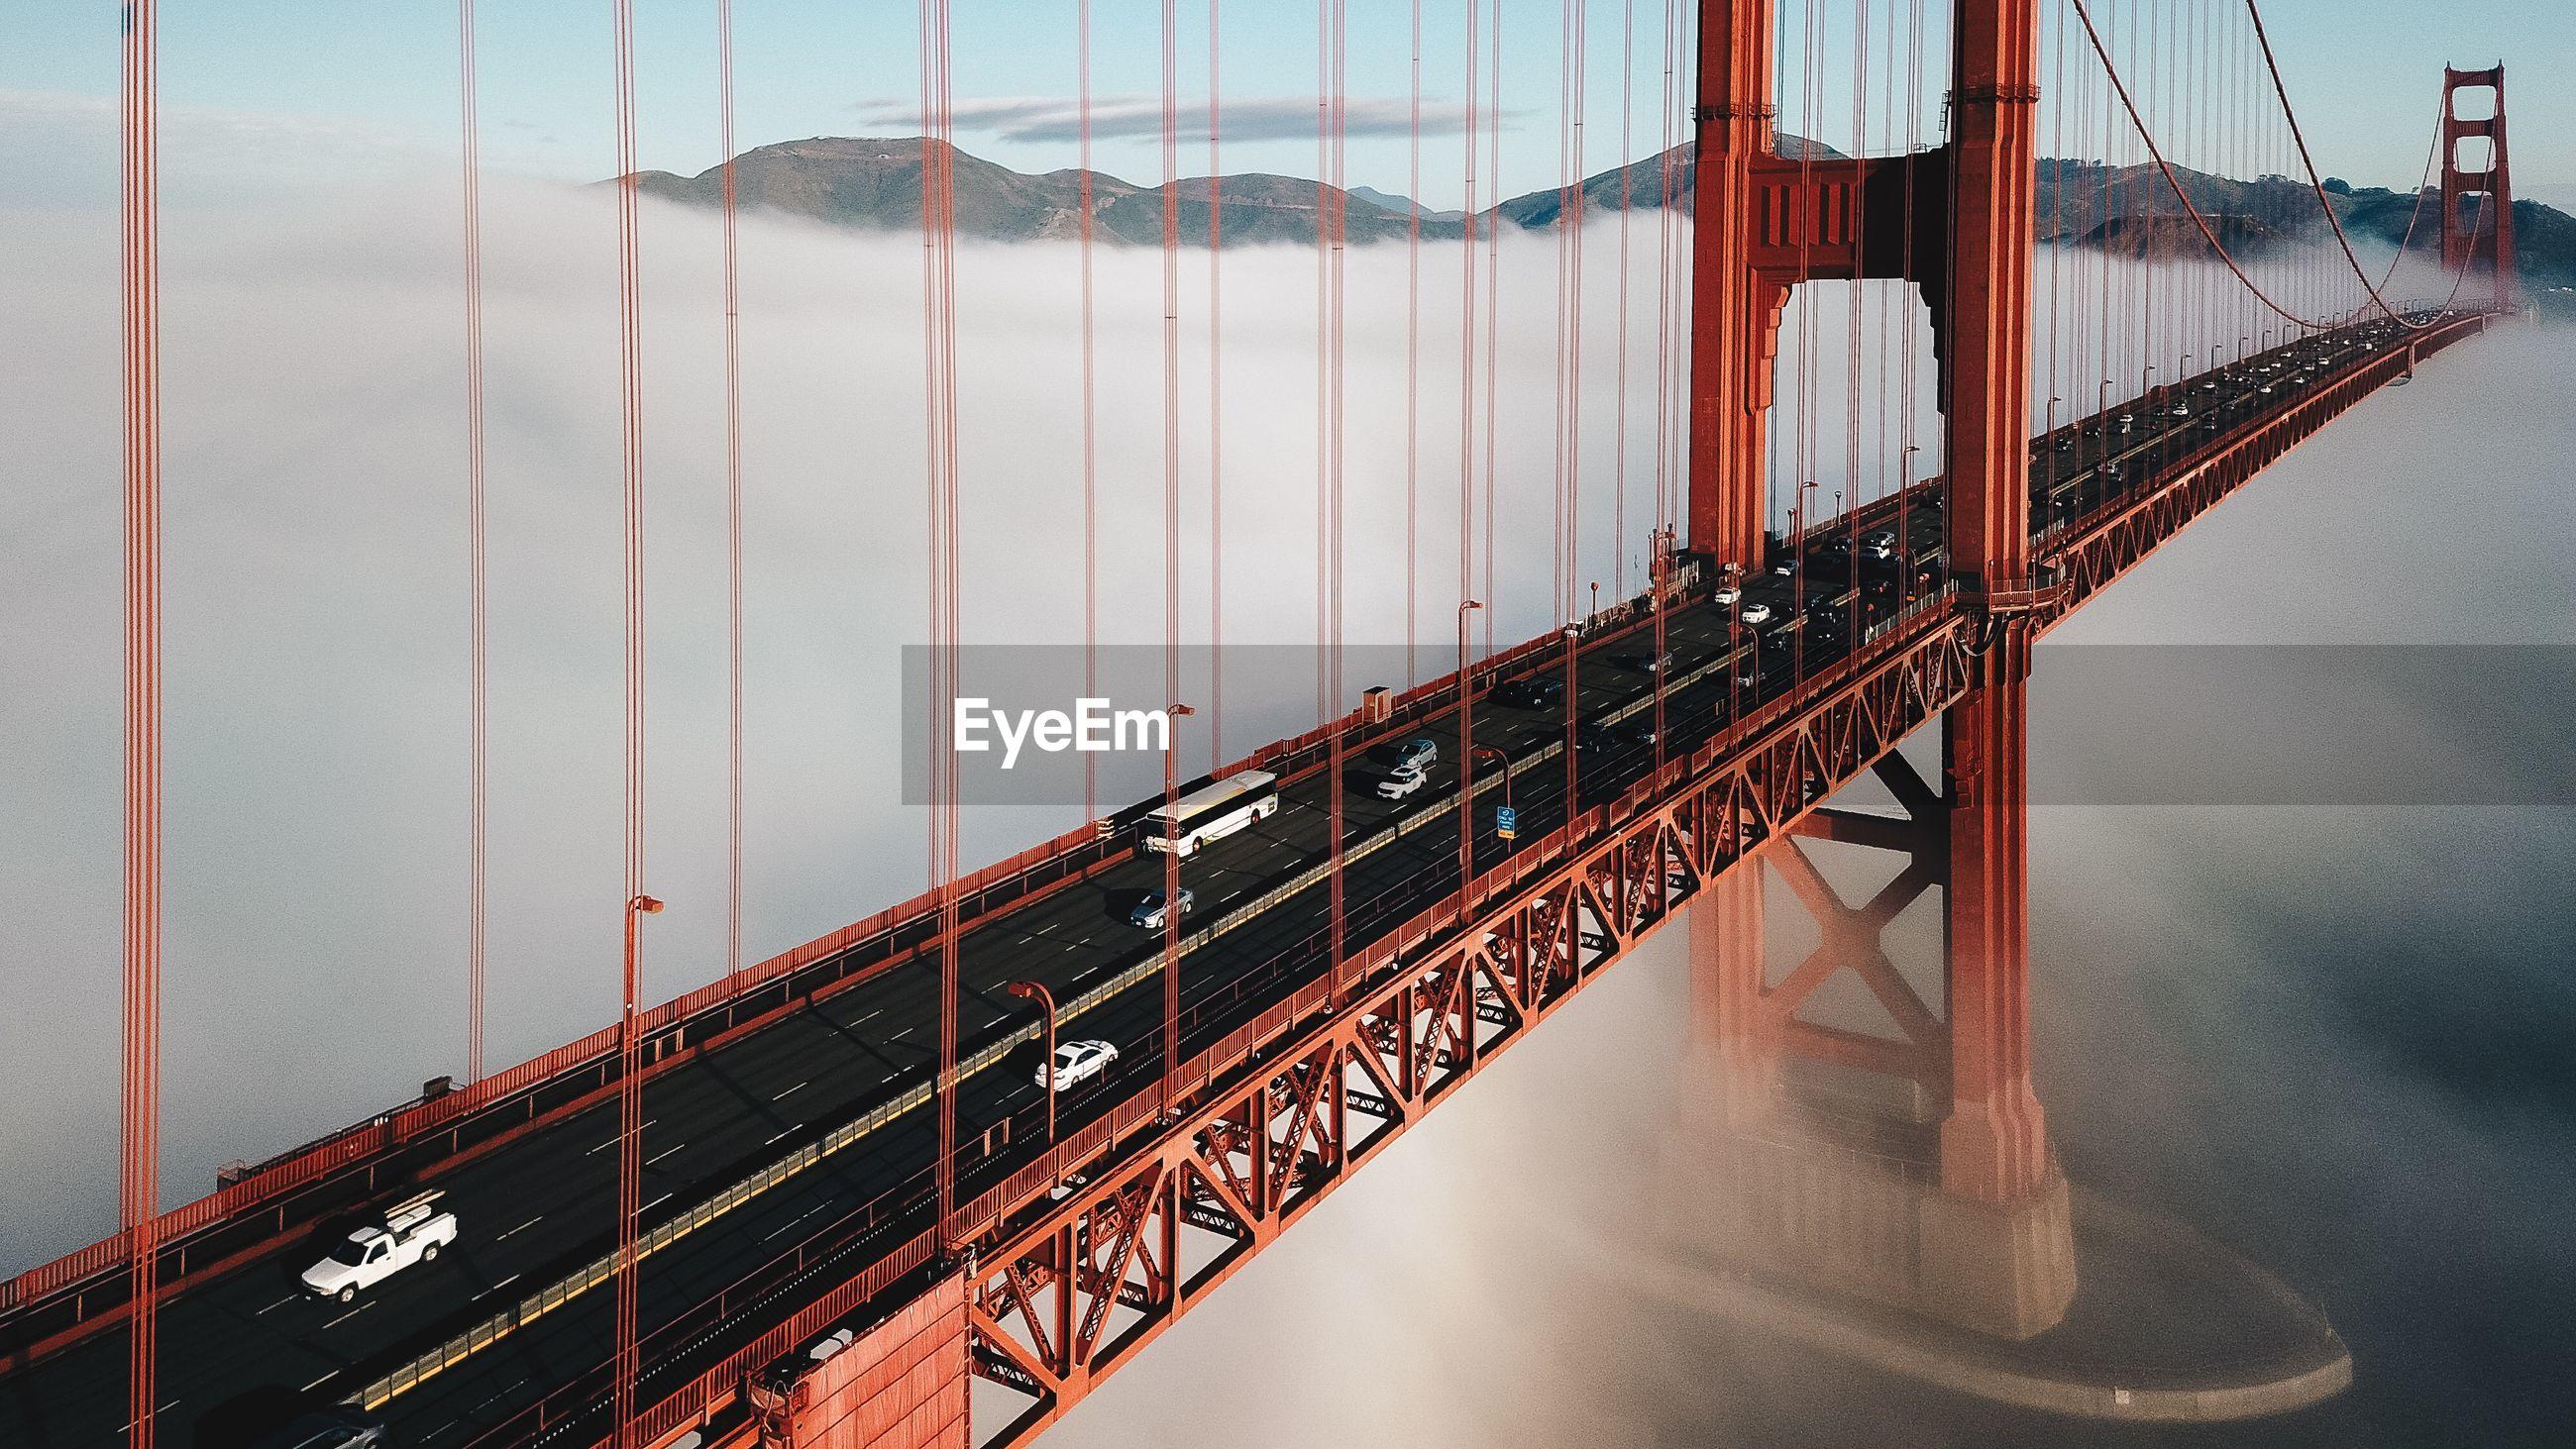 Golden gate bridge over river against sky